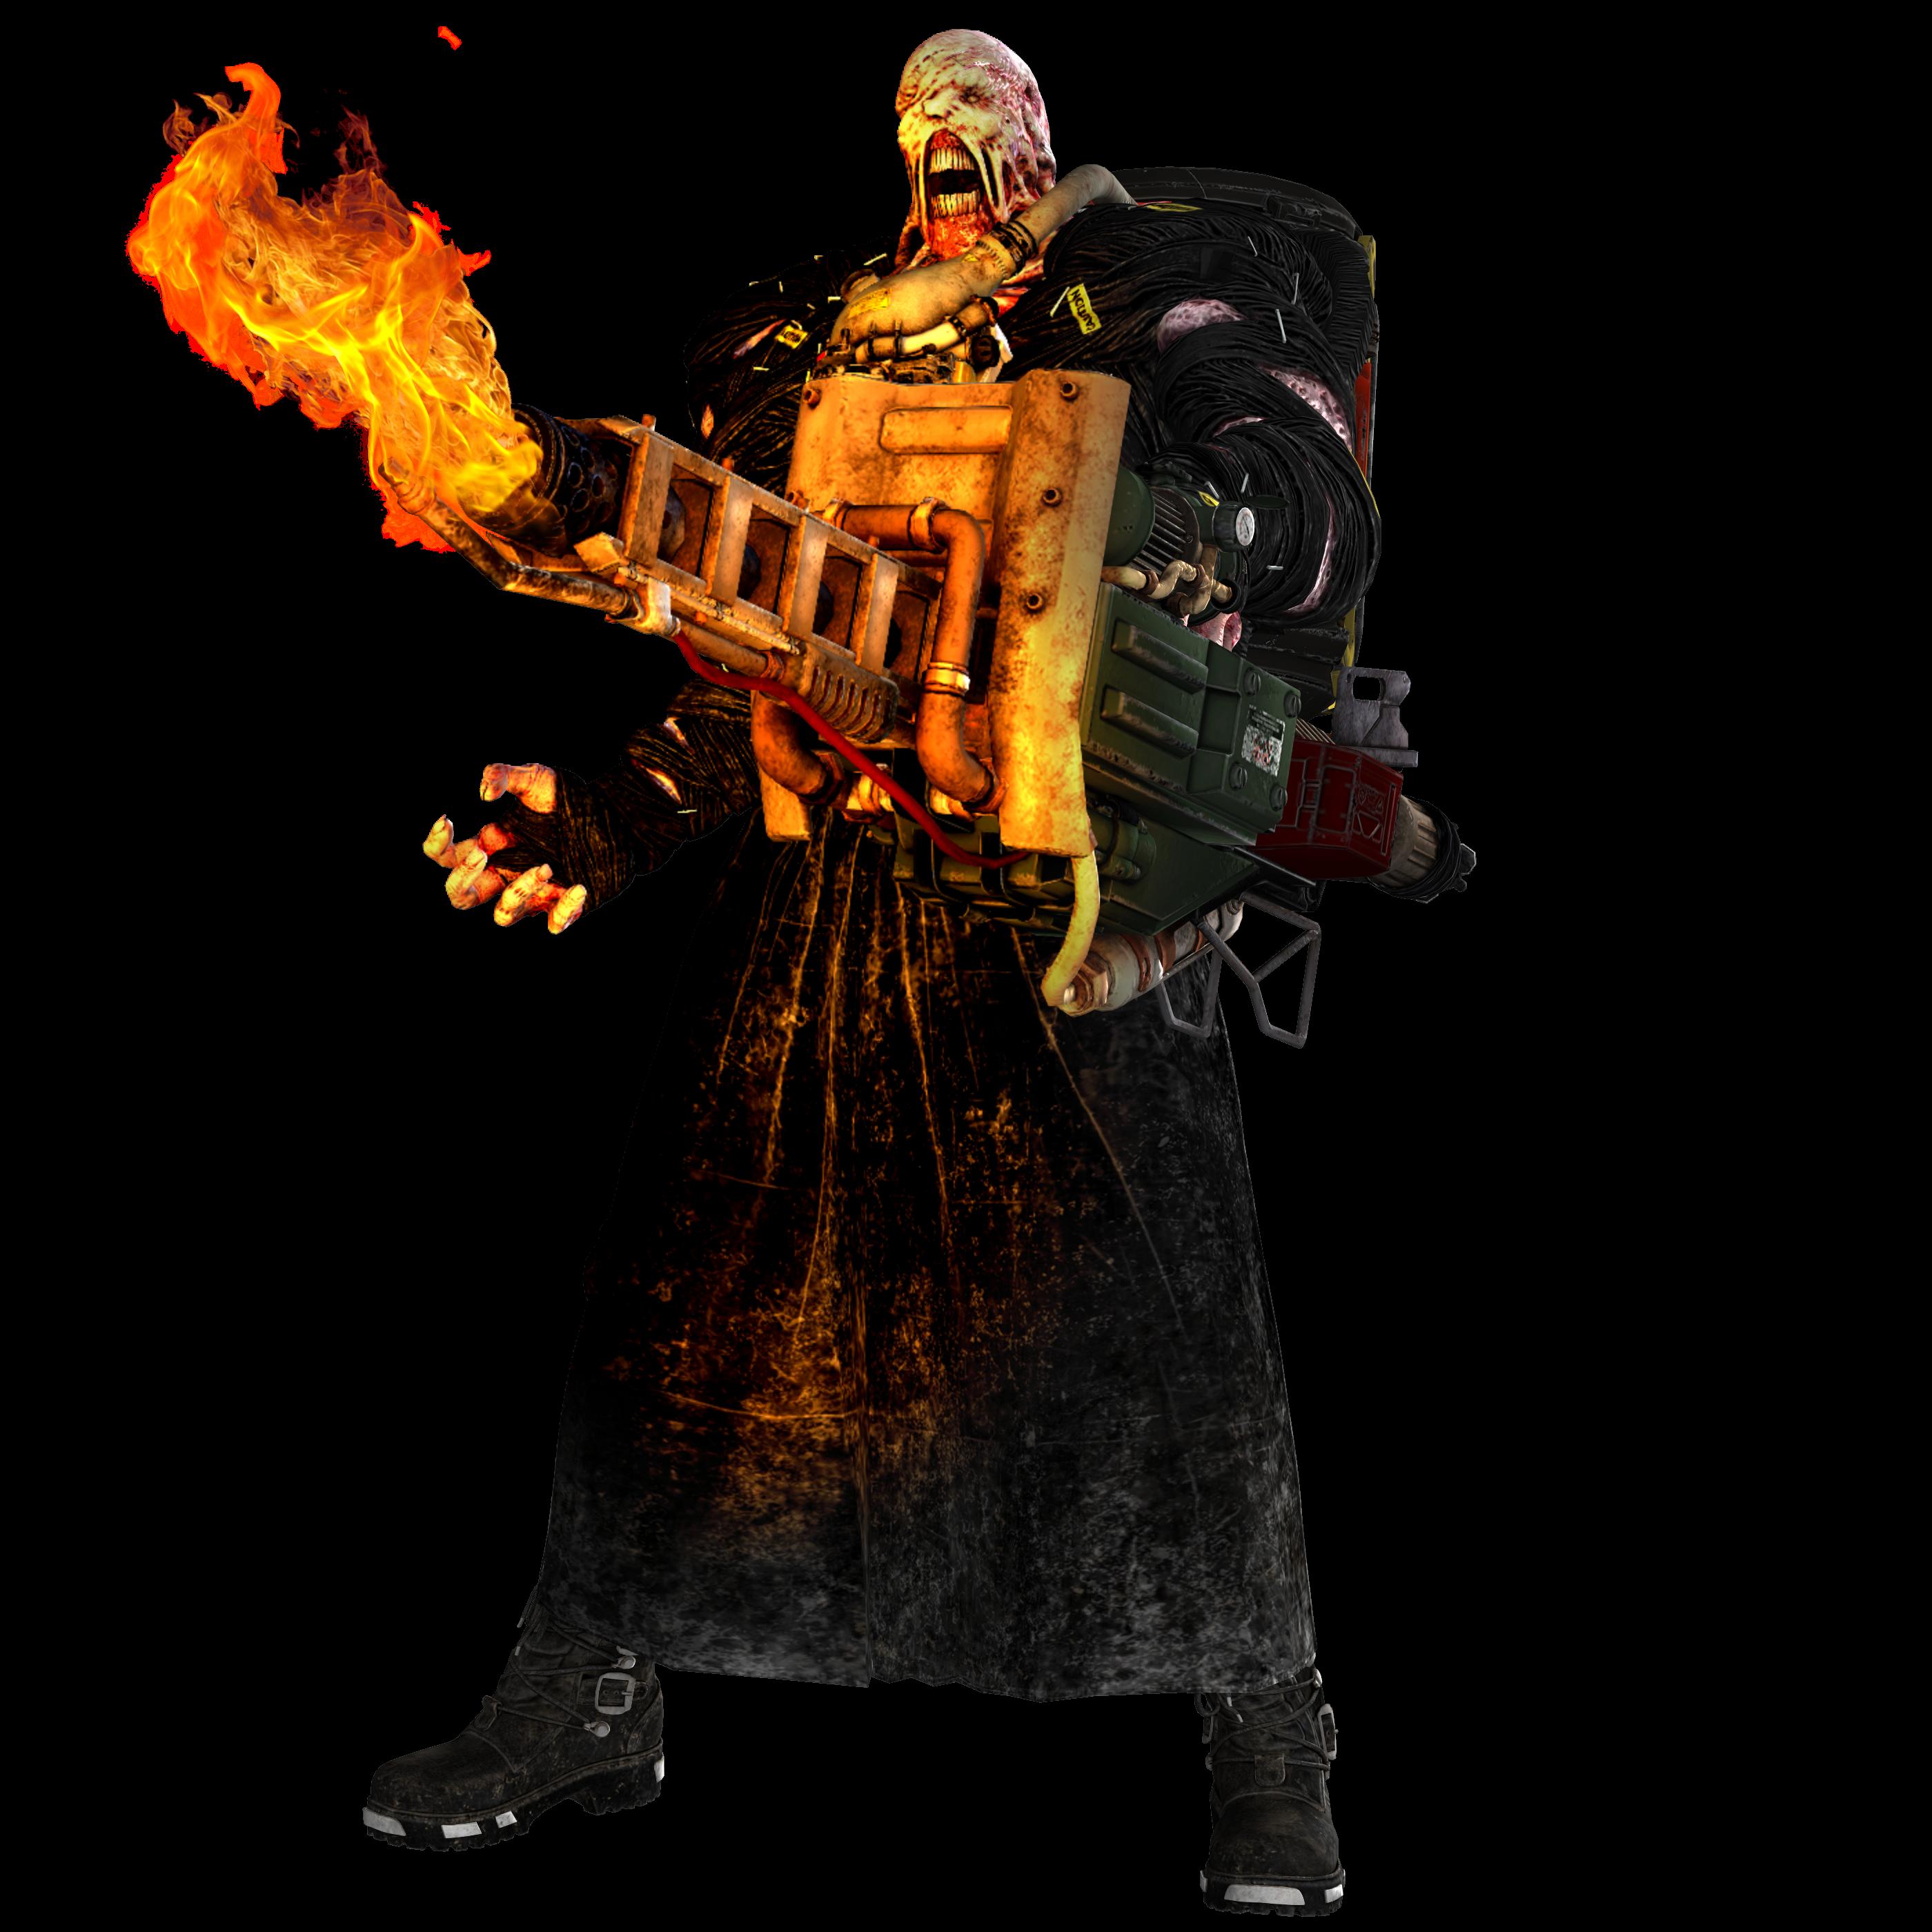 Resident Evil 3 Remake Nemesis Render By Tyrant0400tp On Deviantart